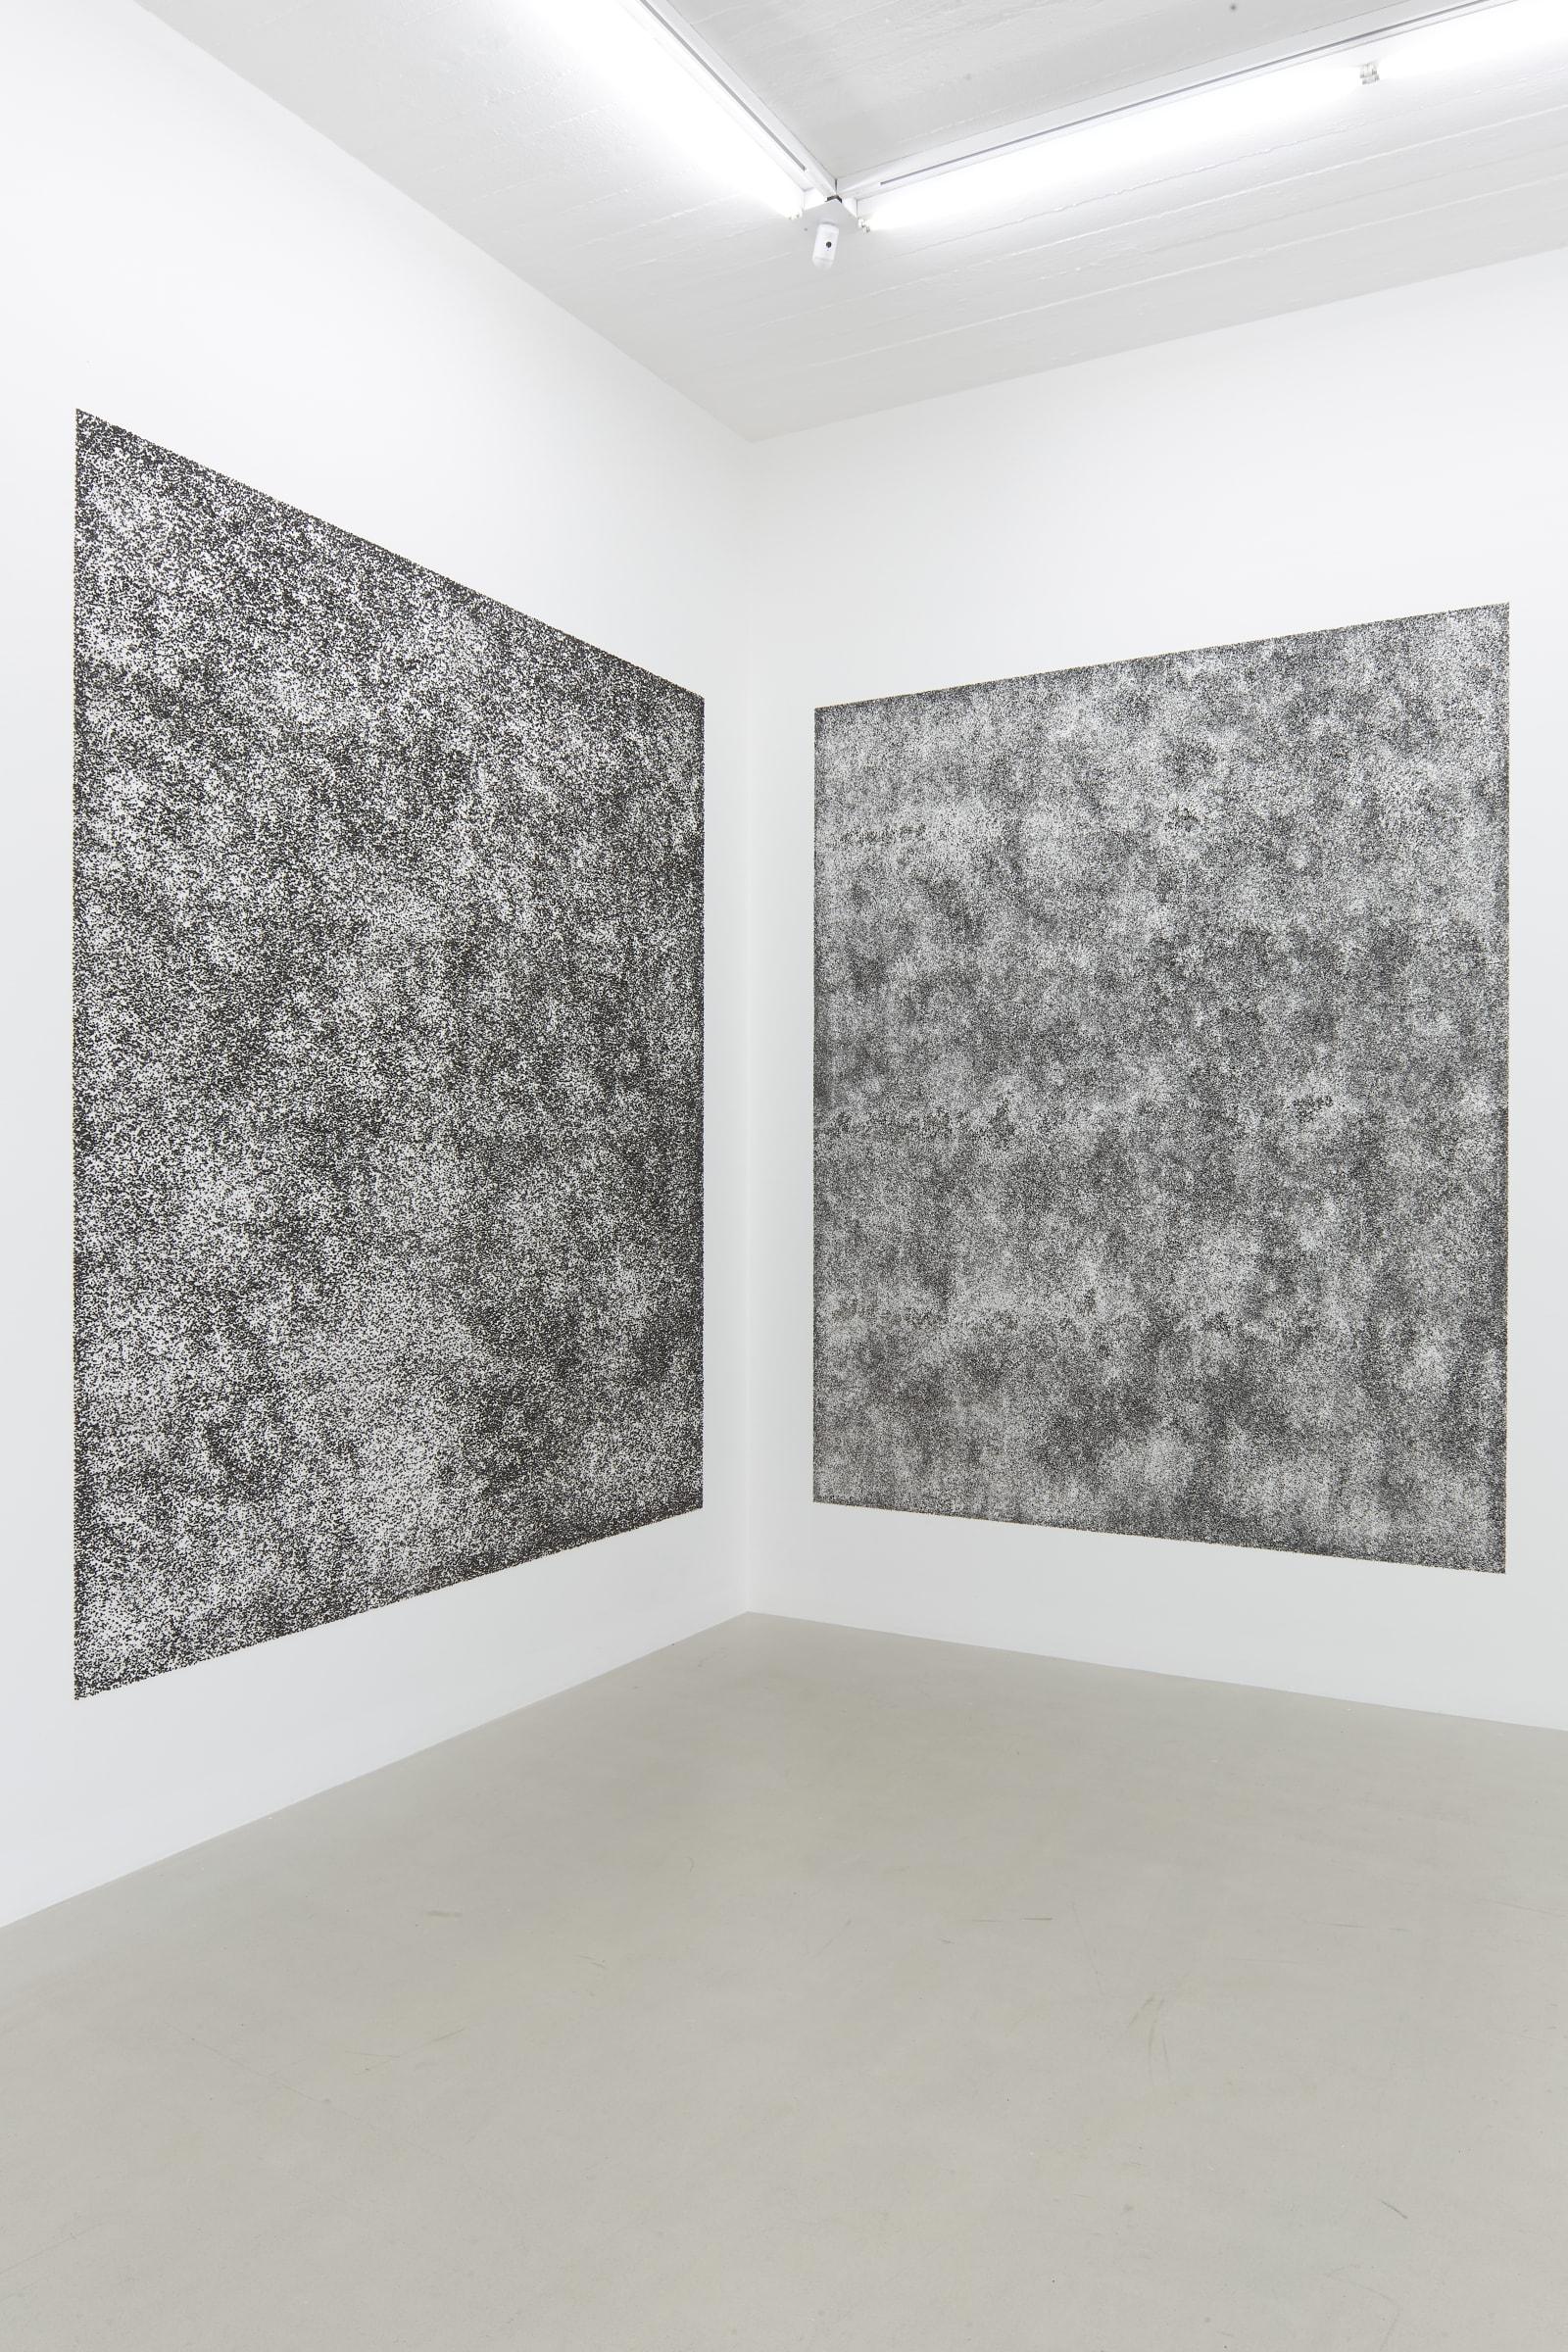 """<span class=""""link fancybox-details-link""""><a href=""""/exhibitions/185/works/artworks17781/"""">View Detail Page</a></span><div class=""""artist""""><strong>RAGNA RÓBERTSDÓTTIR</strong></div><div class=""""title""""><em>Lava Landscape</em>, 2021</div><div class=""""medium"""">black lava from Hekla, course and fine</div><div class=""""dimensions"""">Coarse lava: 300 x 250 cm,<br>Fine lava: 300 x 250 cm,<br>Coarse lava: 118 1/8 x 98 3/8 in<br>Fine lava: 118 1/8 x 98 3/8 in<br></div>"""